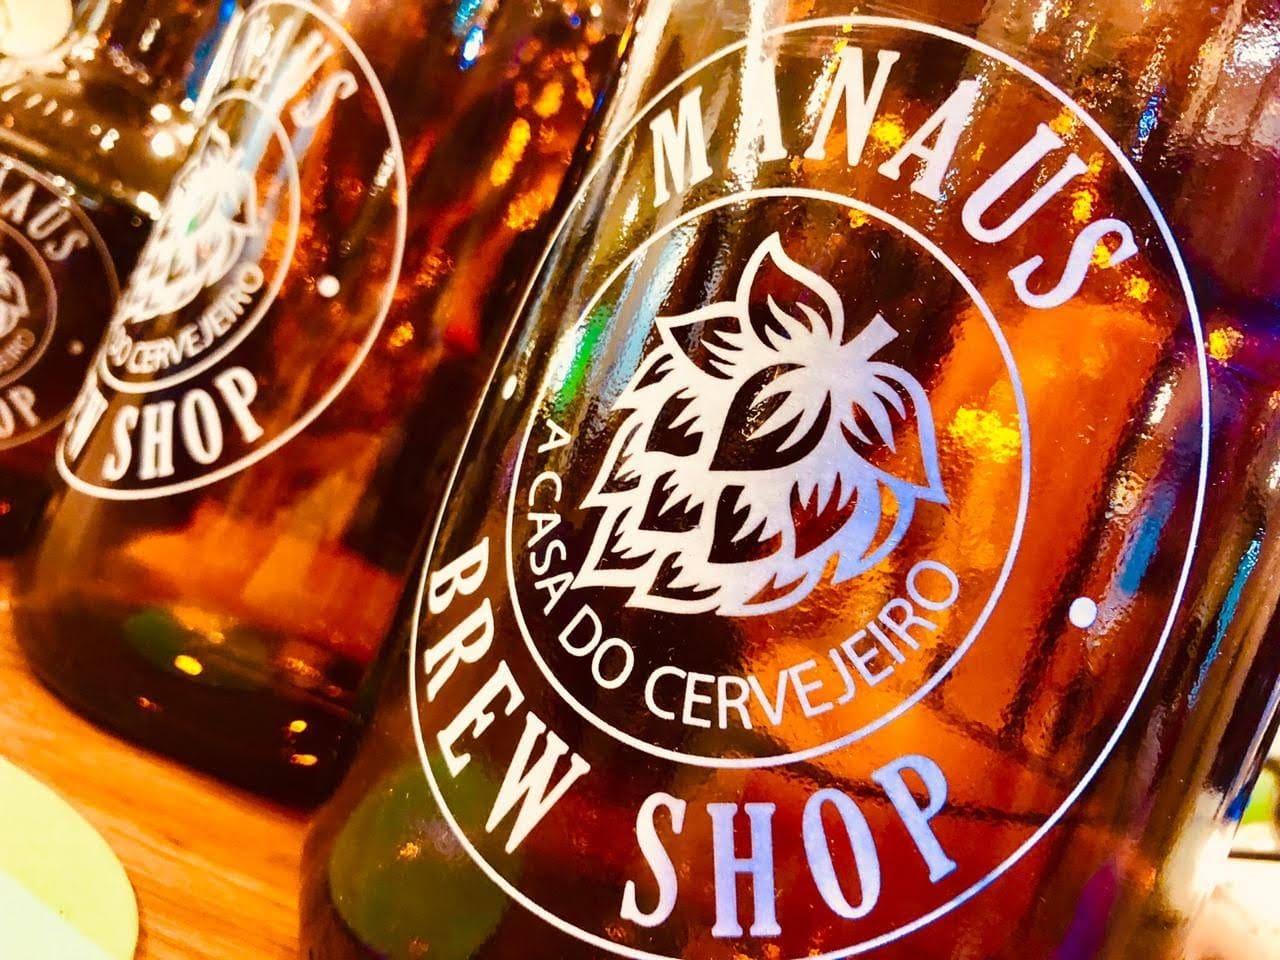 Manaus Brew Shop